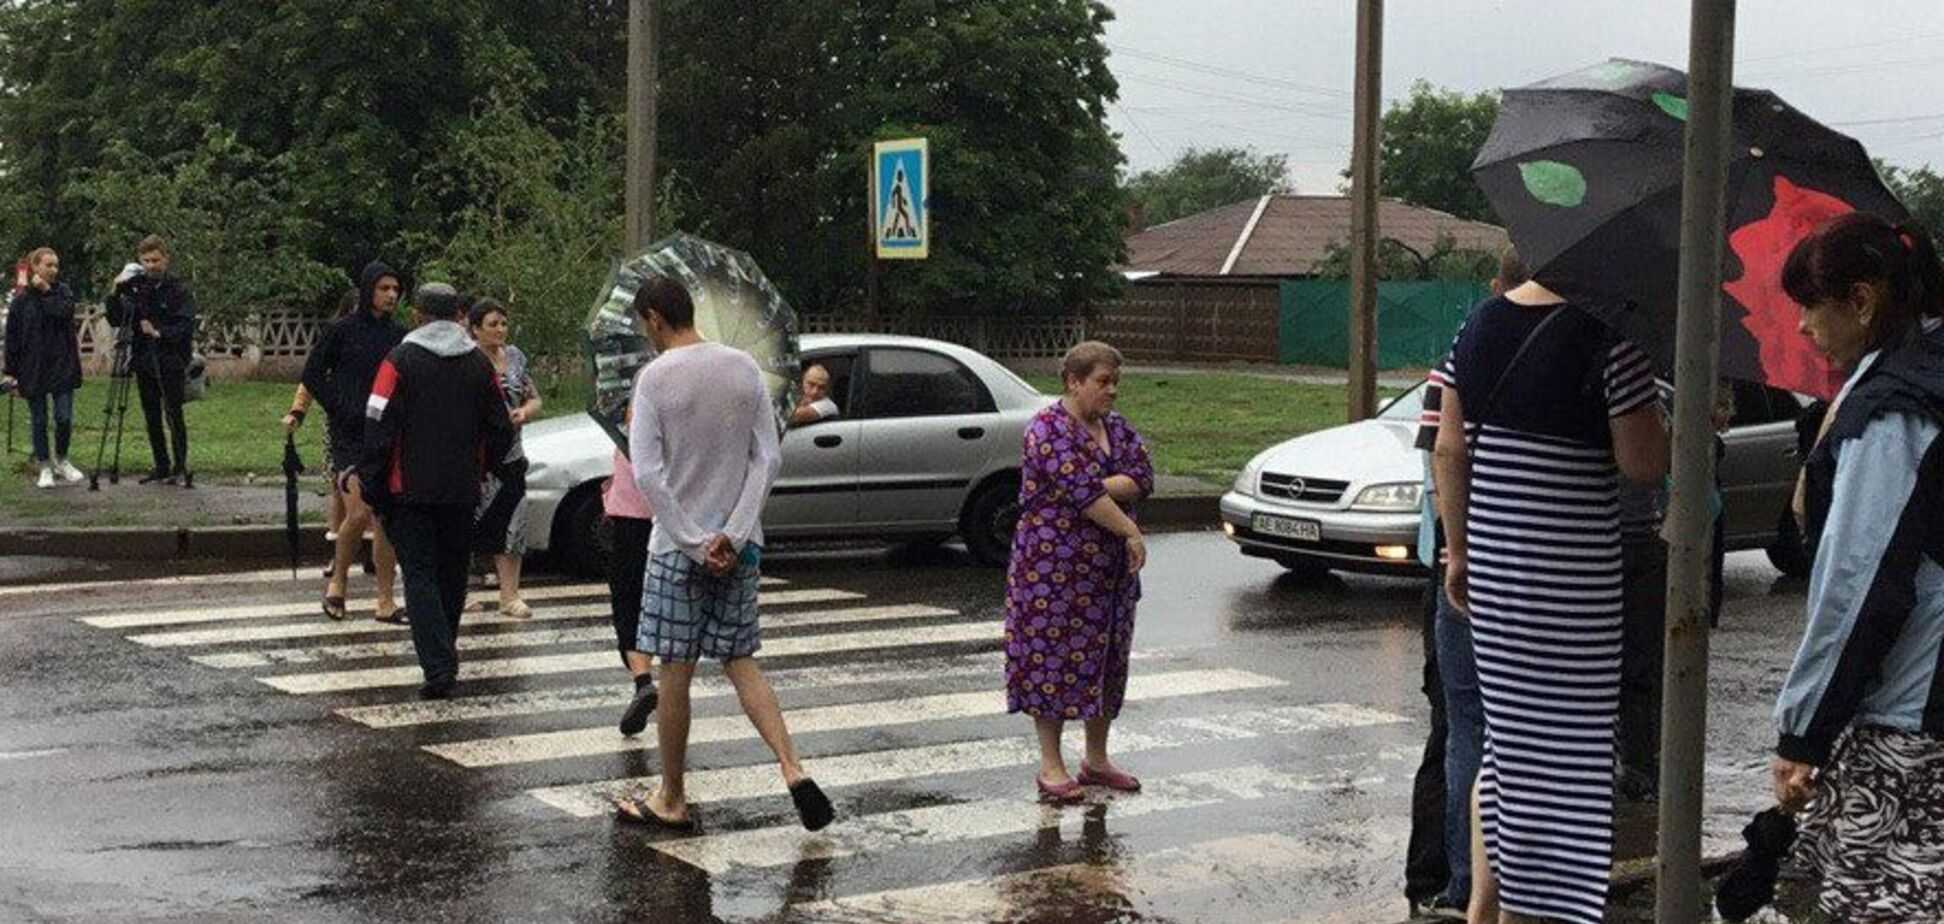 Да будет свет! На Днепропетровщине перекрыли дорогу с требованием восстановить электричество